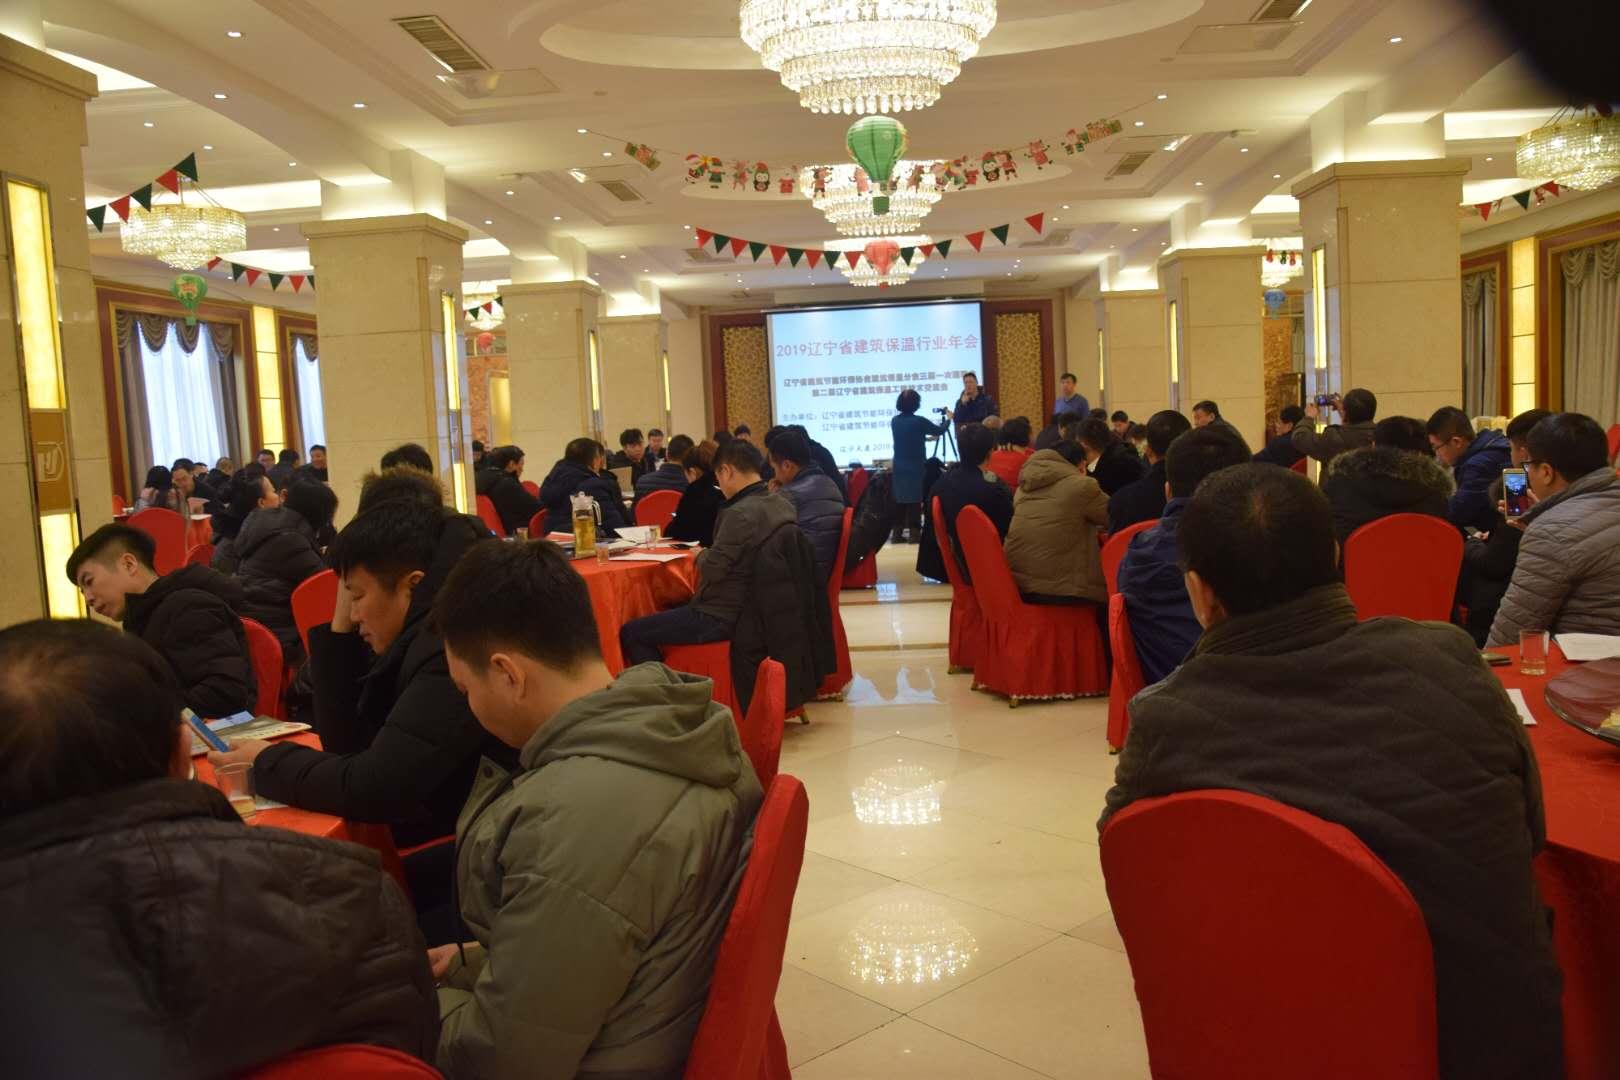 东北建材网参与举办的2019辽宁省建筑保温年会圆满召开